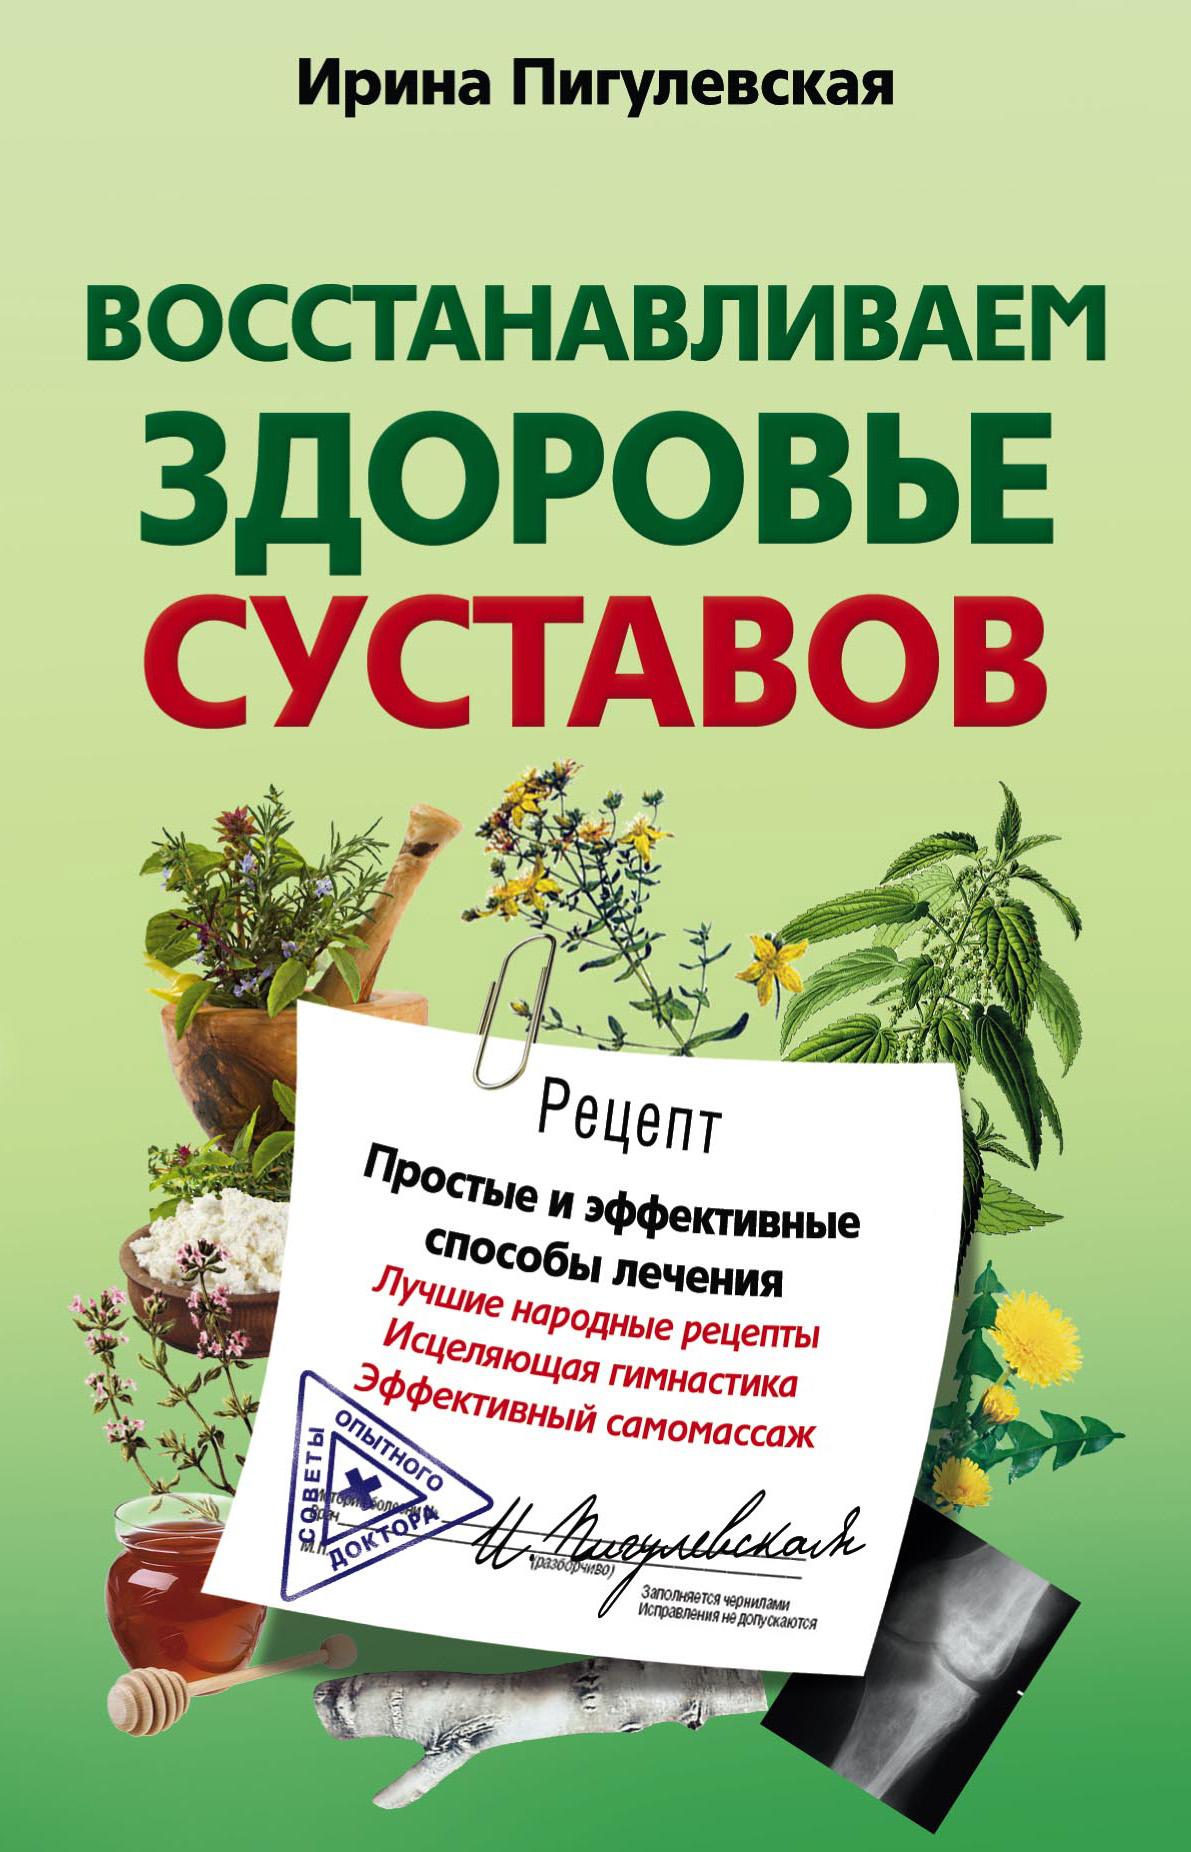 Ирина Пигулевская «Восстанавливаем здоровье суставов. Простые и эффективные способы лечения»